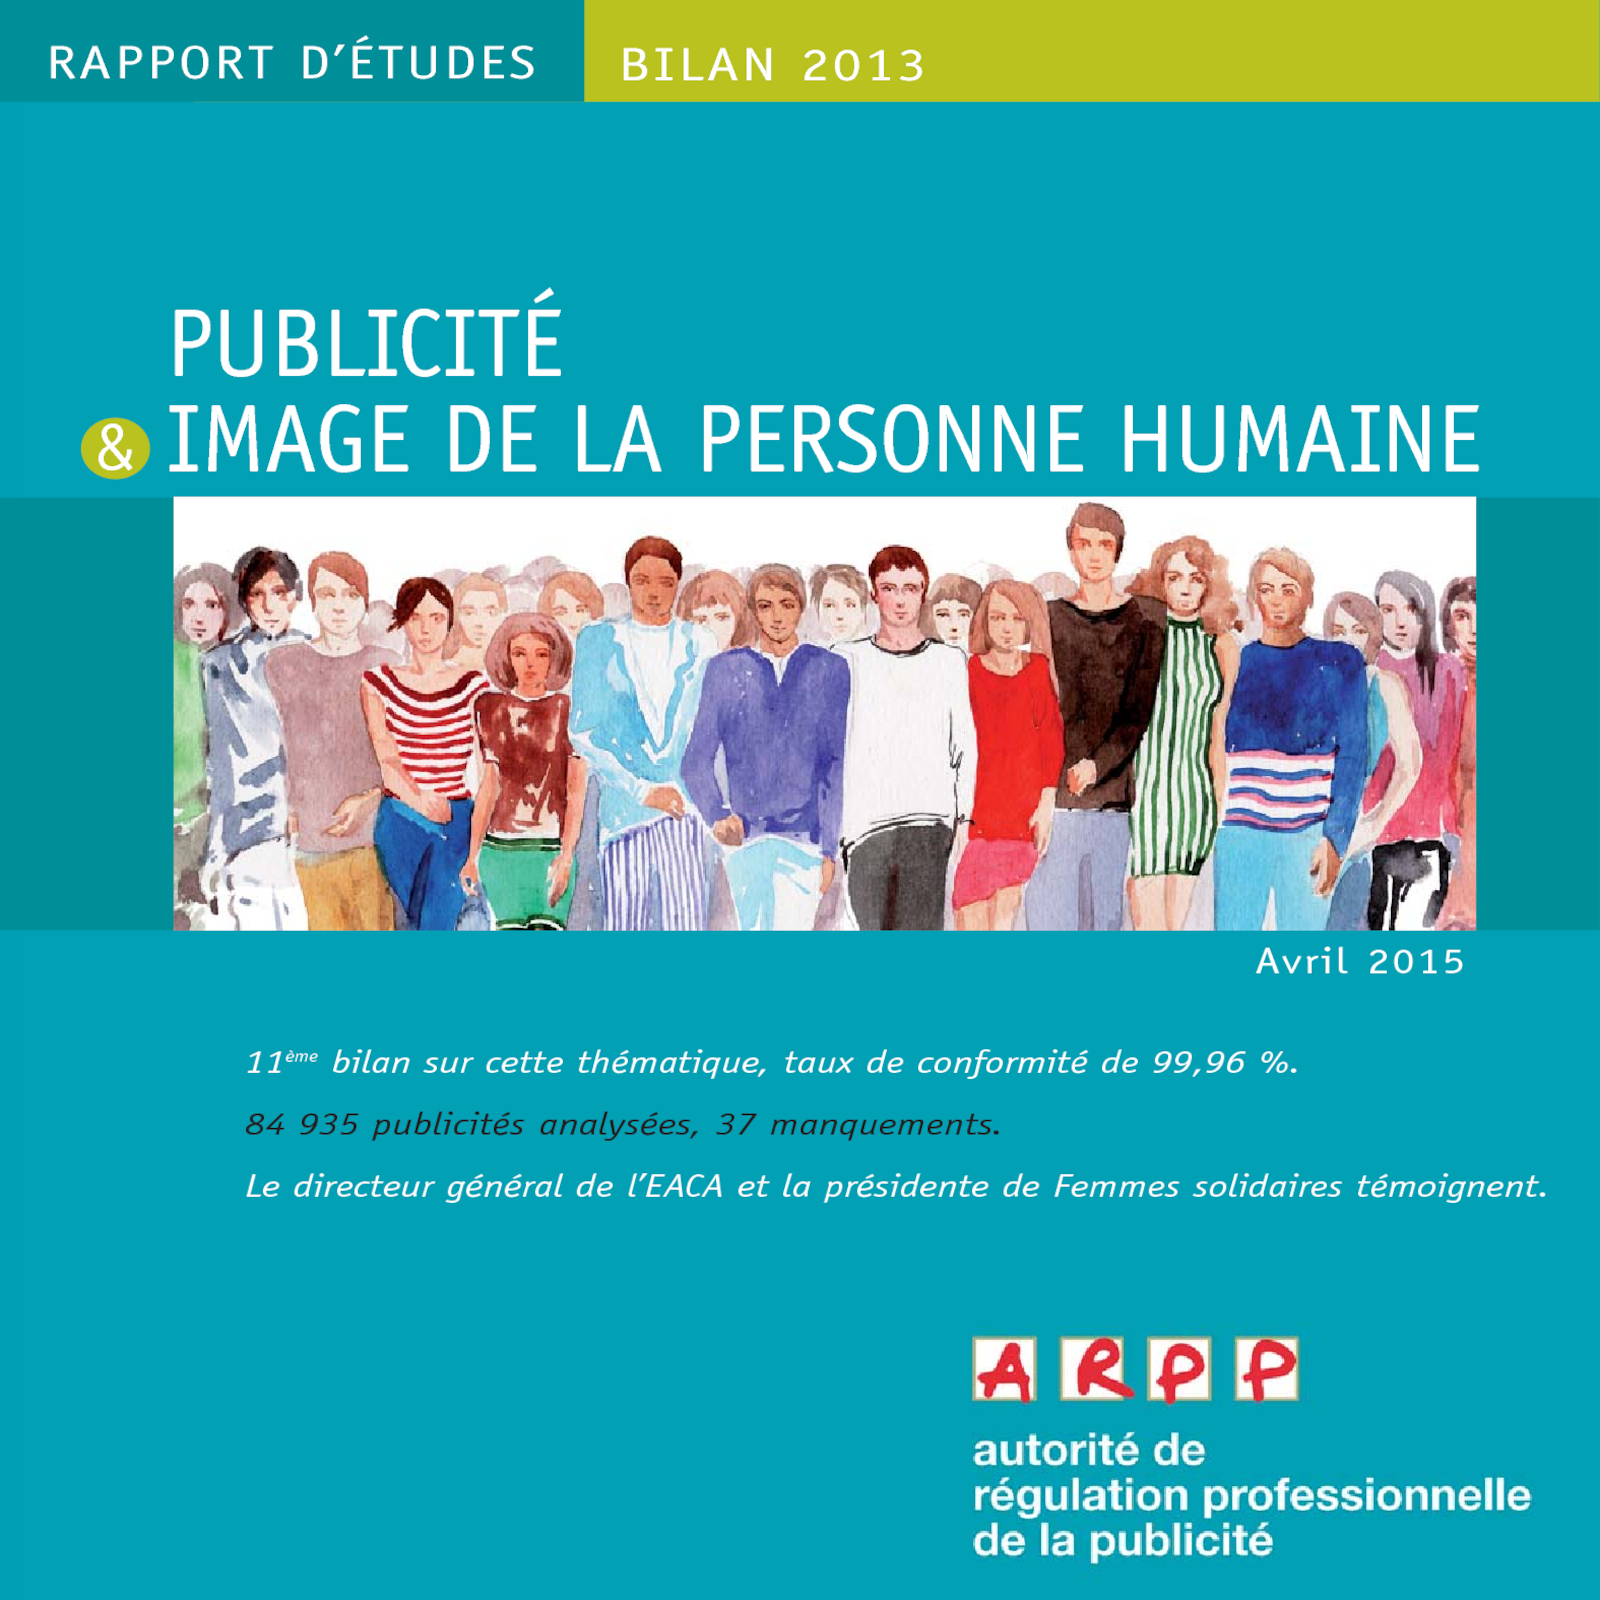 Bilan Publicité et Image de la Personne Humaine 2013